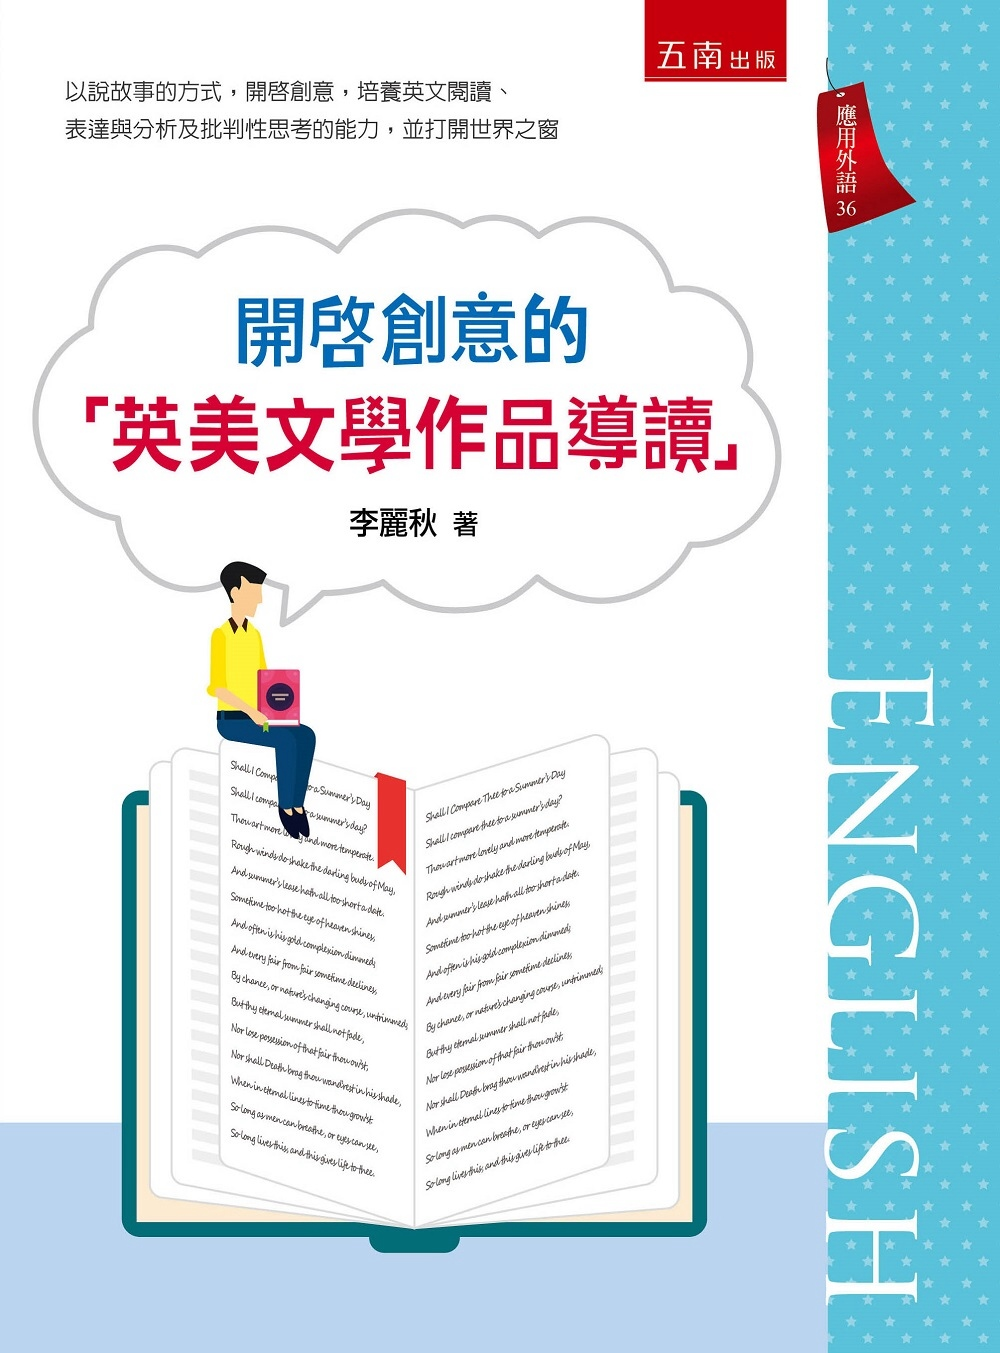 開啟創意的「英美文學作品導讀」